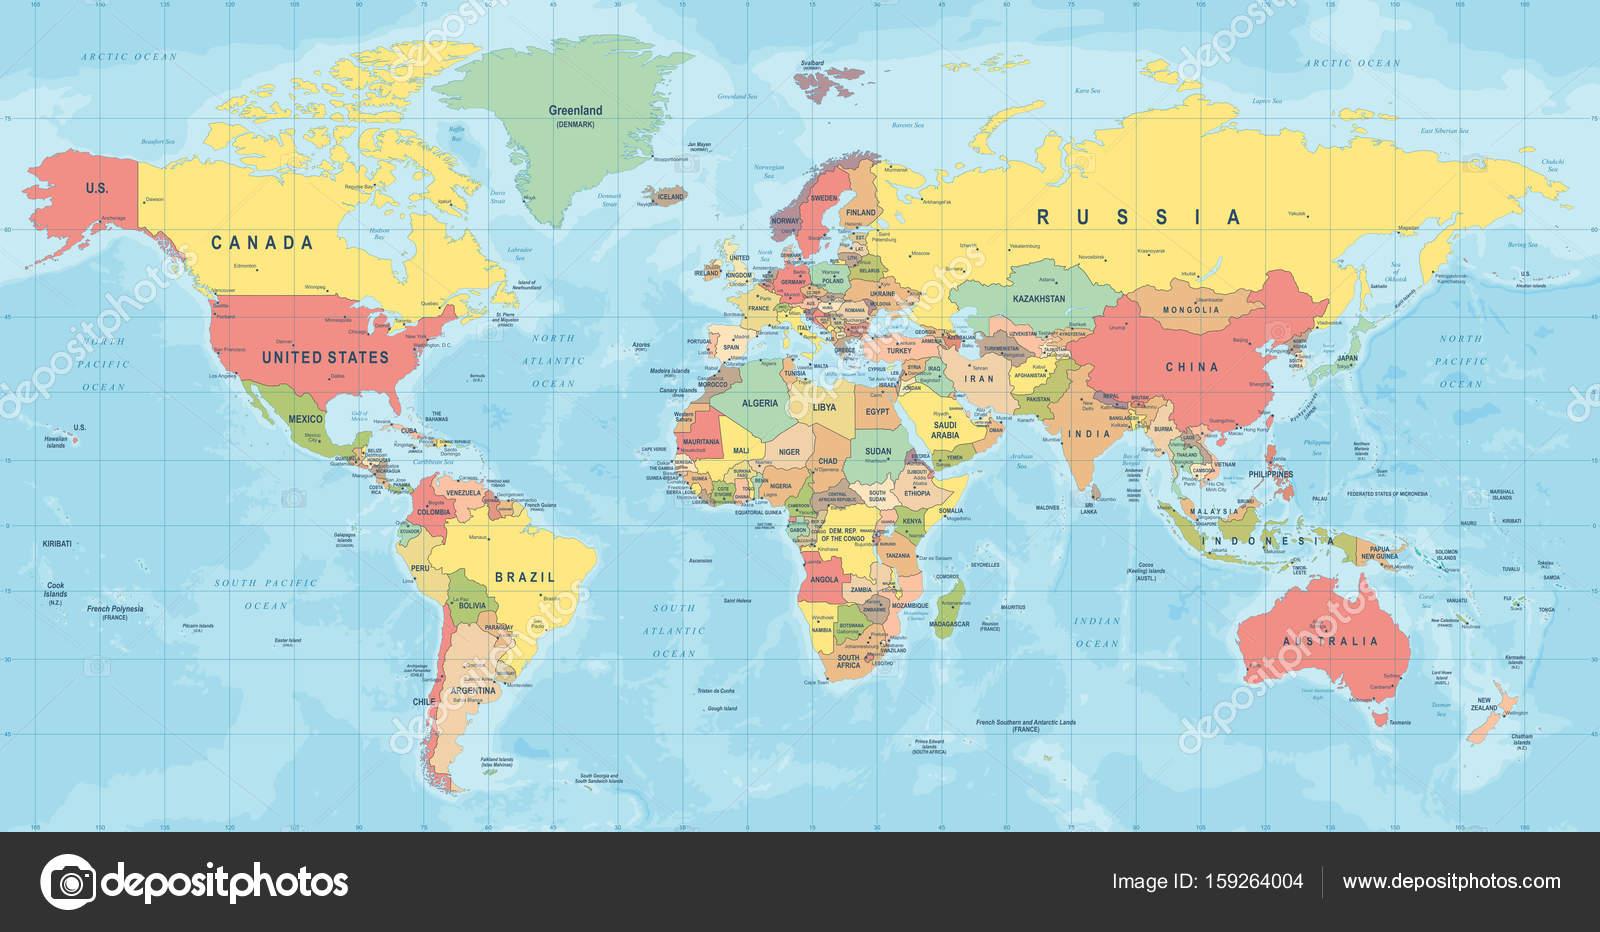 Wereld kaart vector gedetailleerde illustratie van de wereldkaart wereld kaart vector gedetailleerde illustratie van de wereldkaart stockvector thecheapjerseys Images